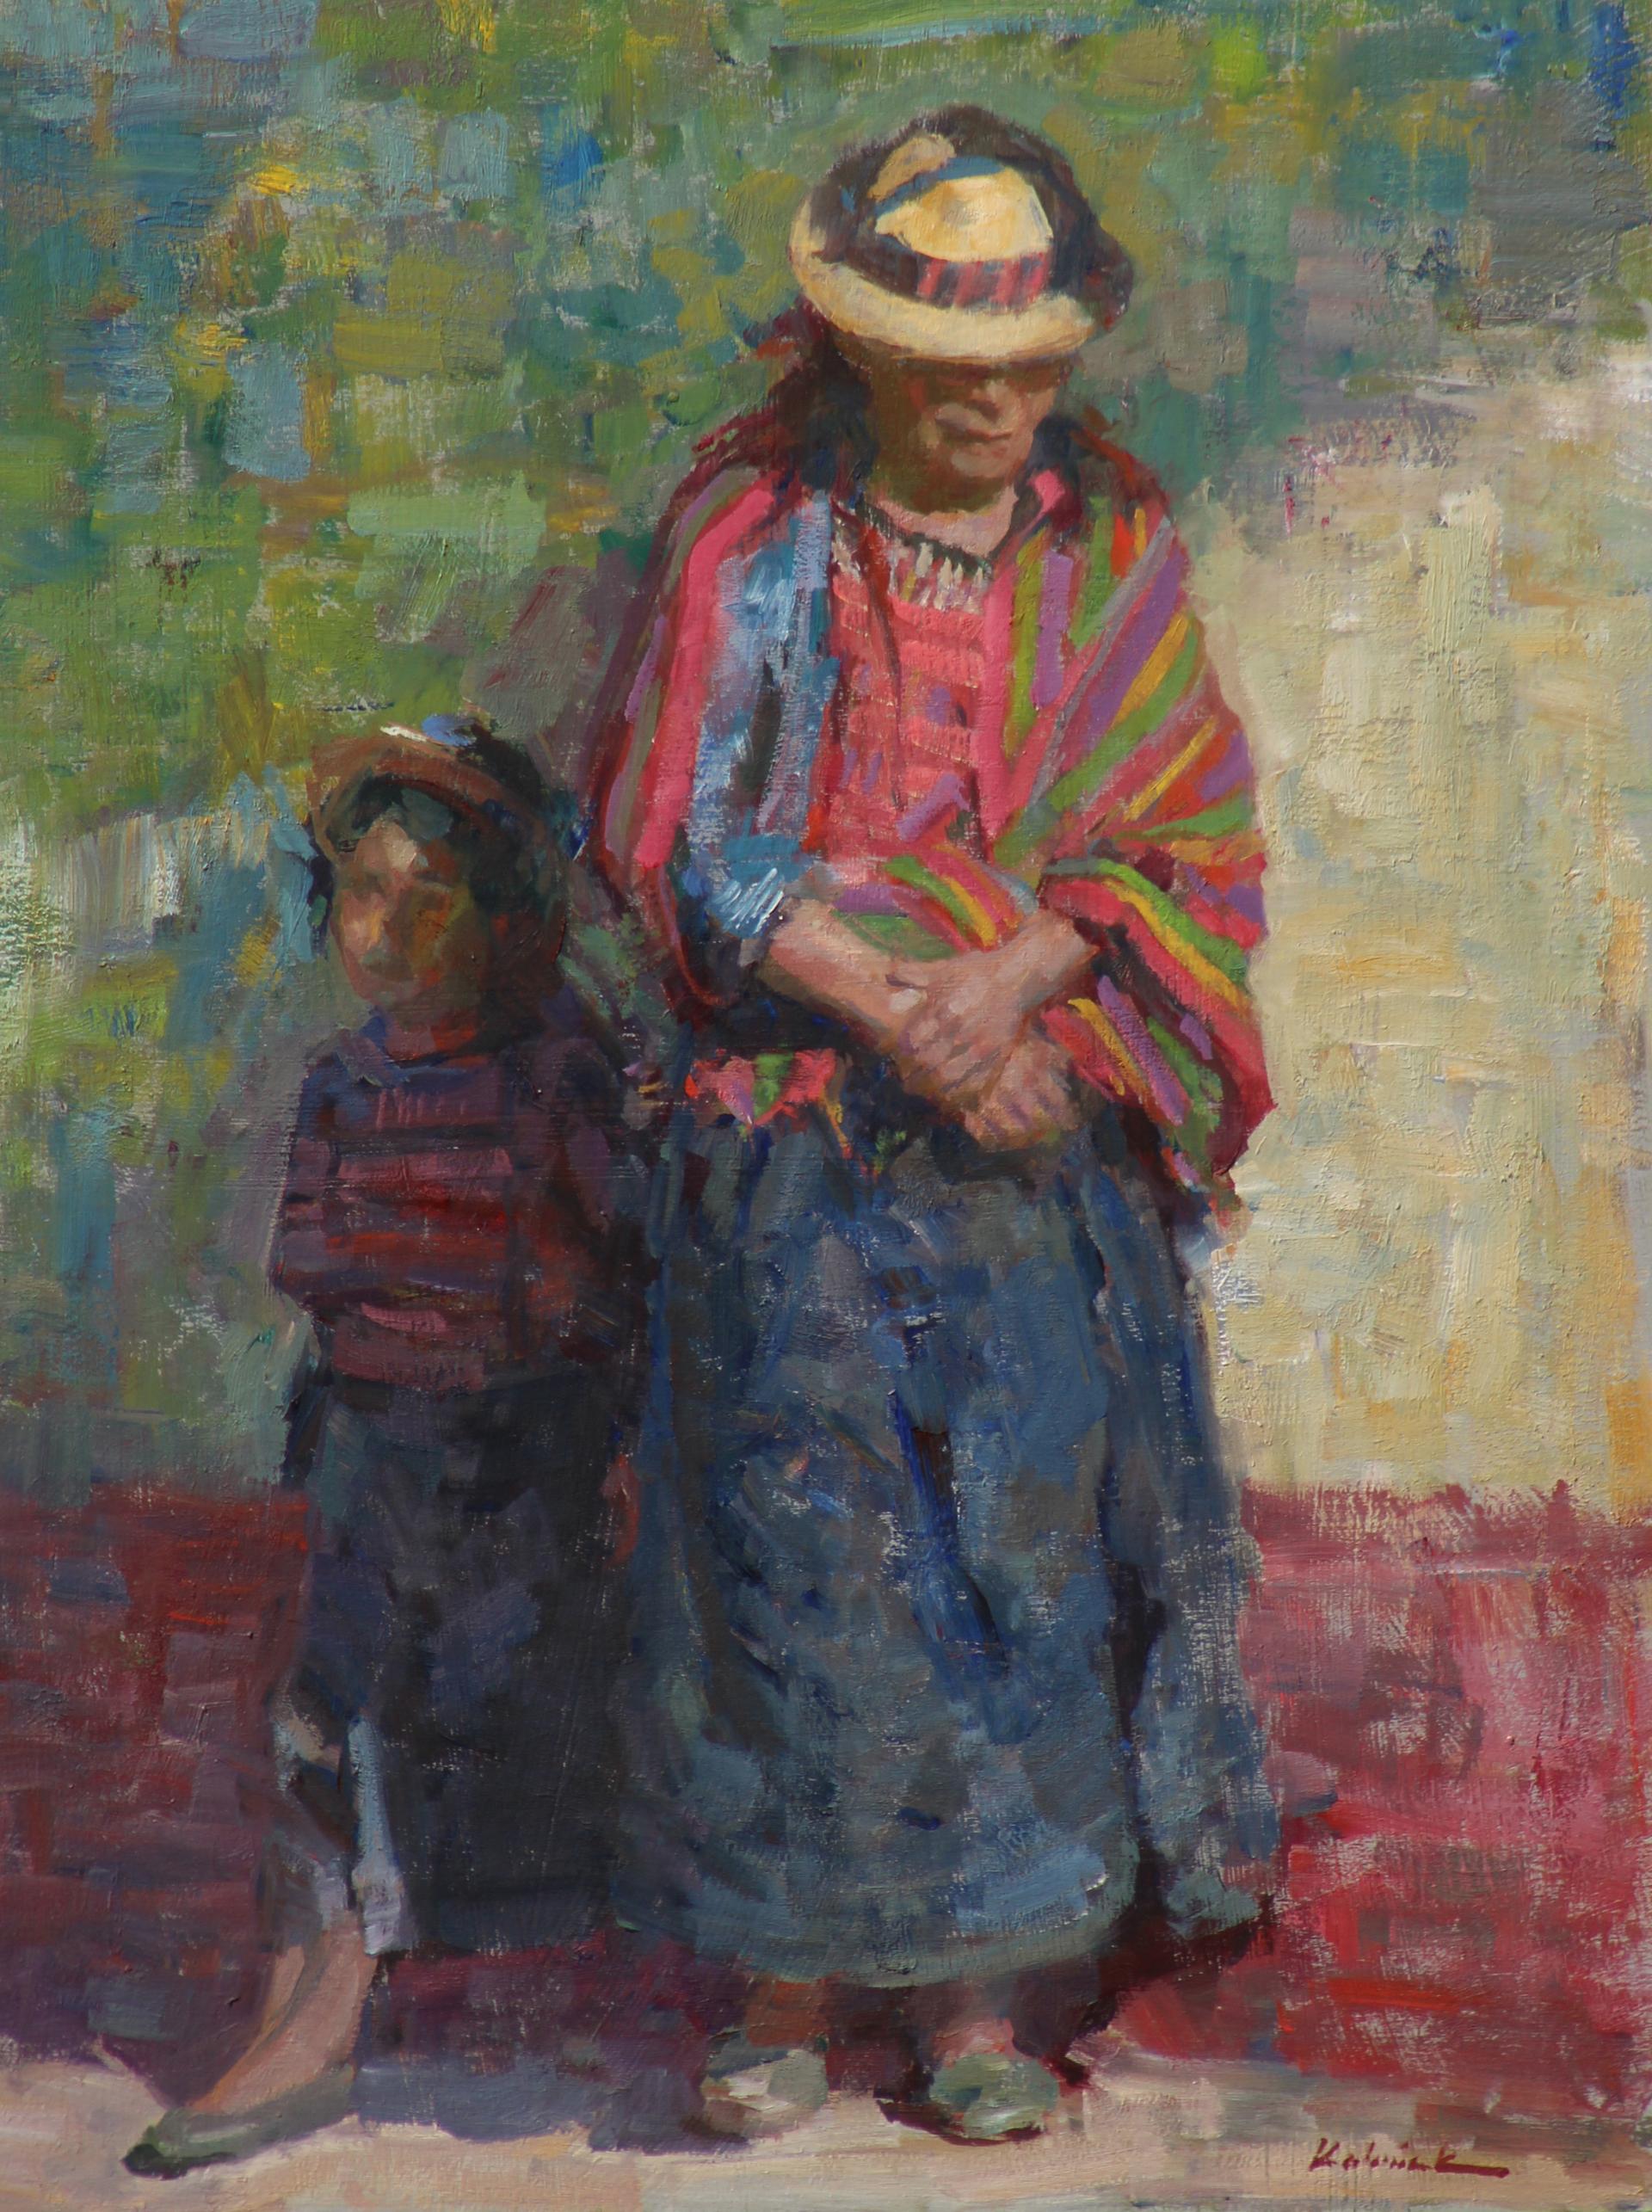 Todos Santos by William J. Kalwick Jr.